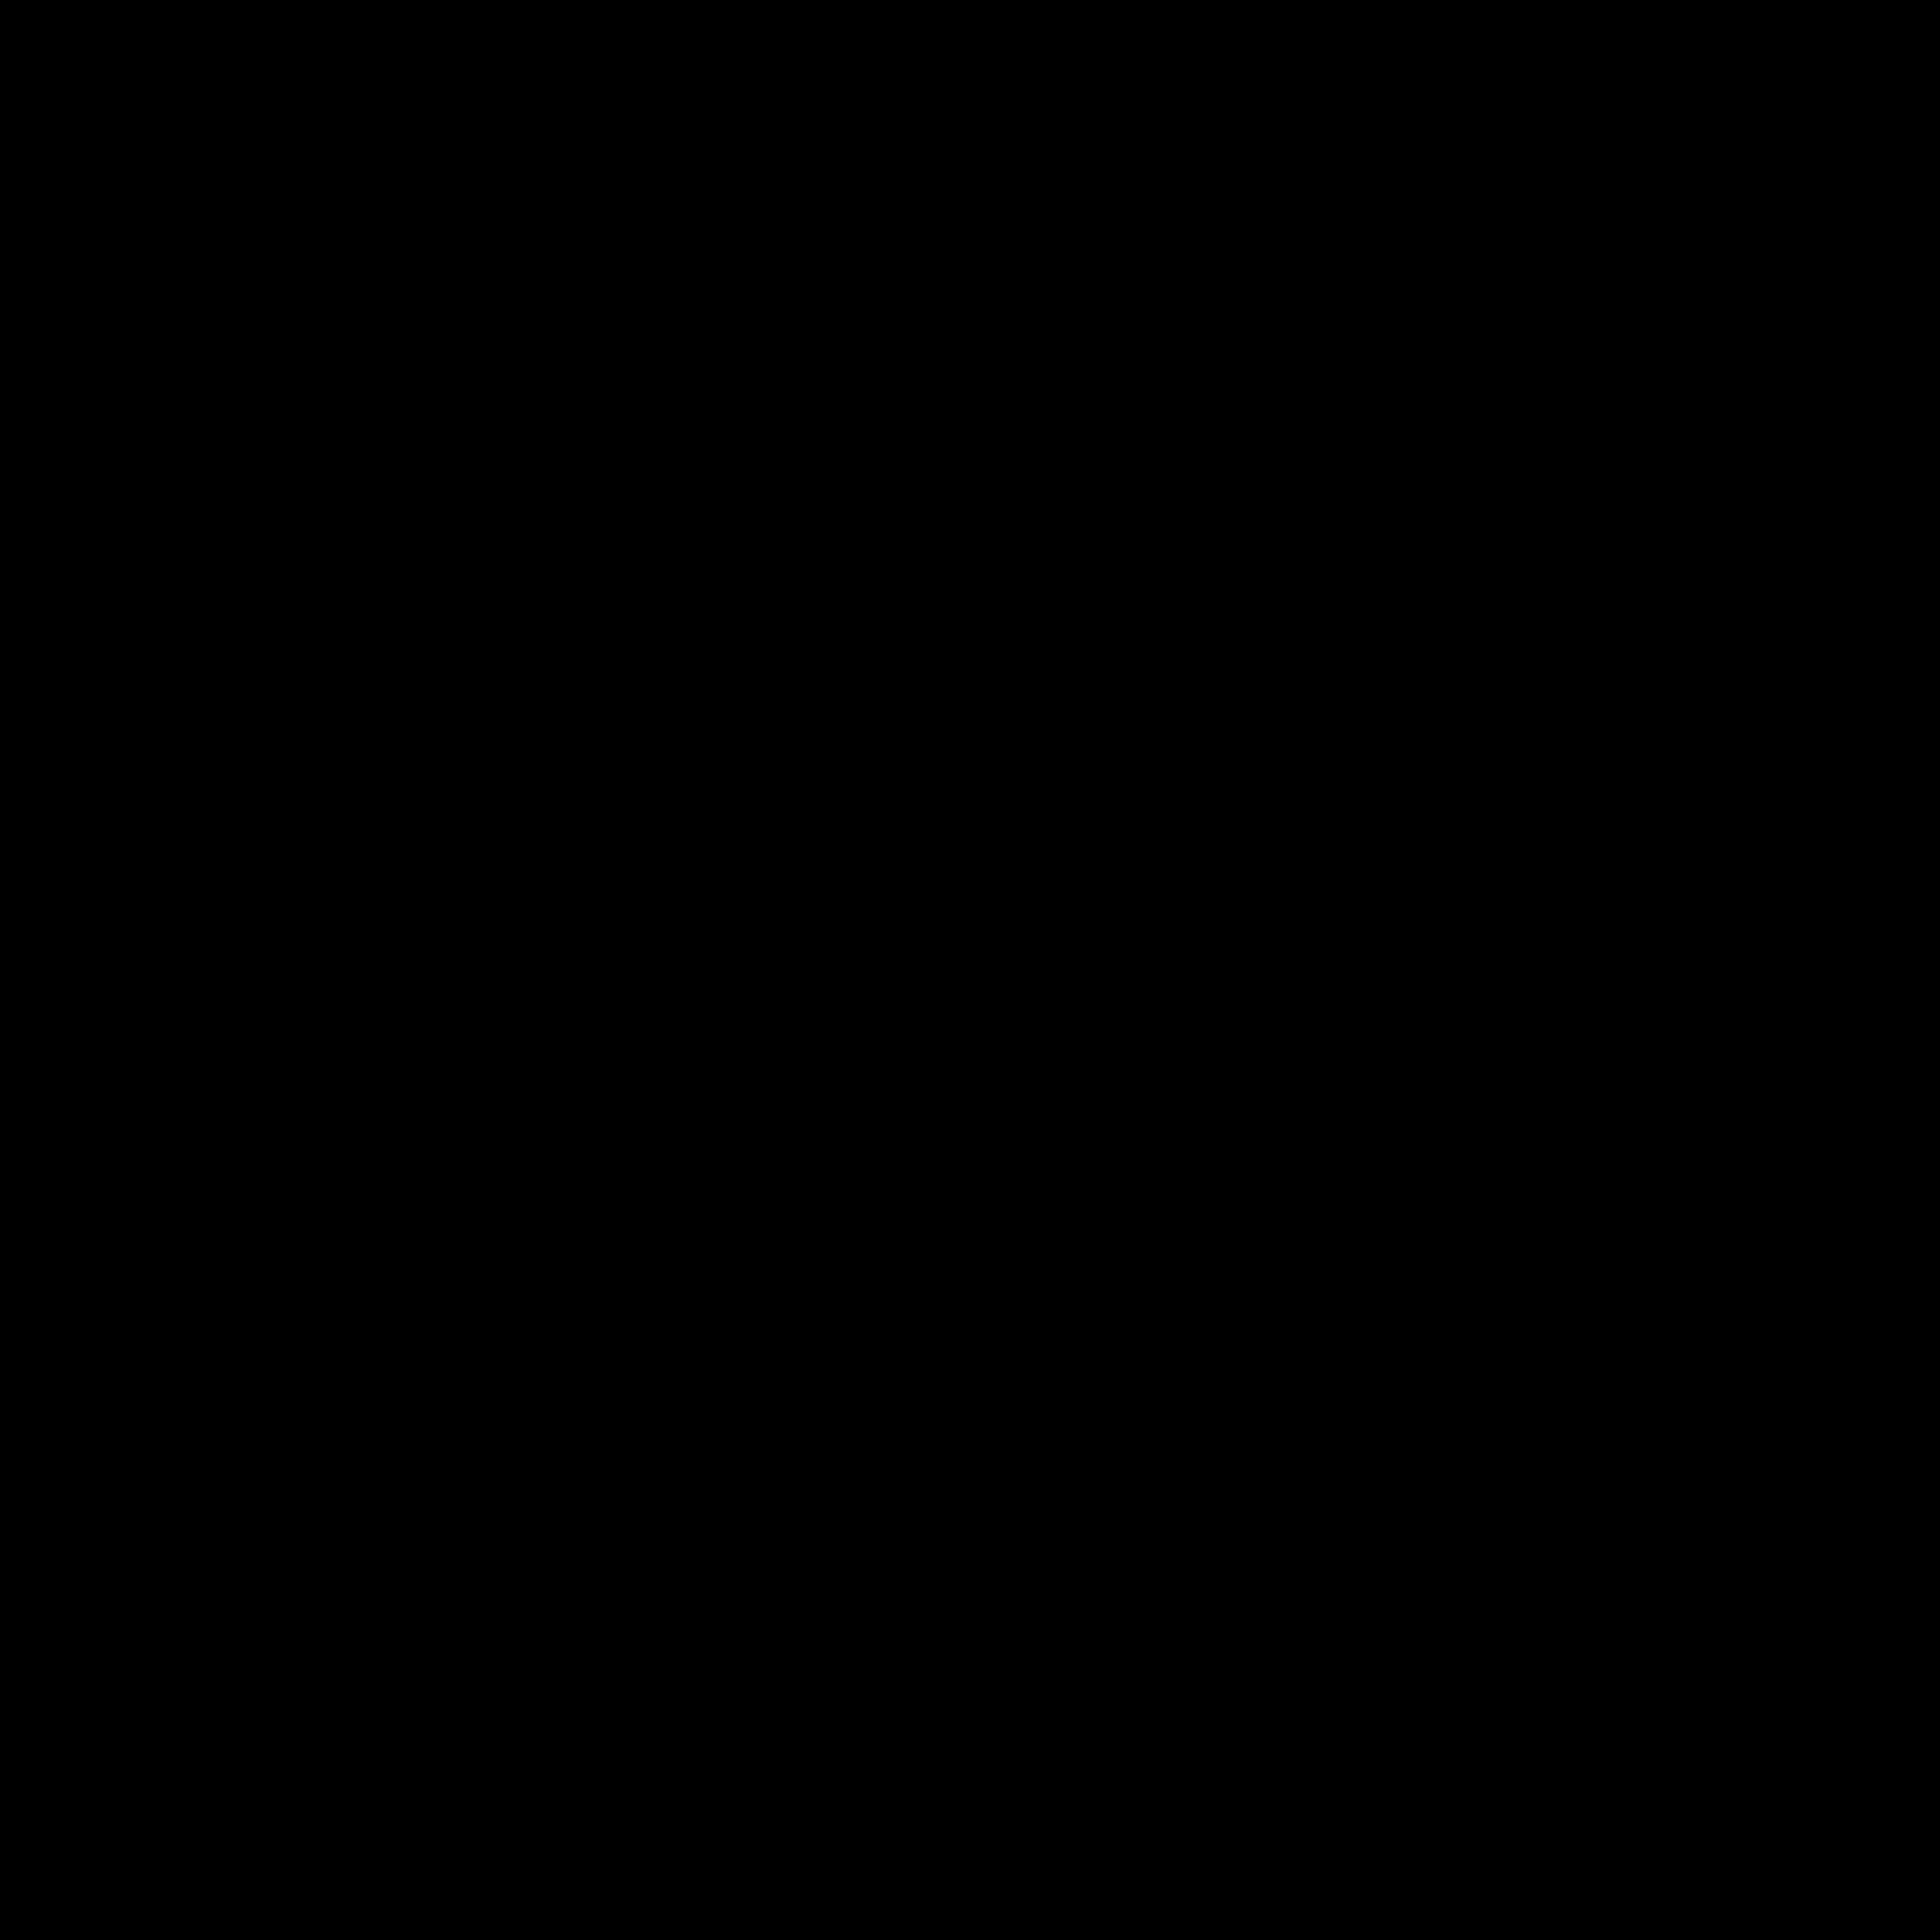 Clipart Maltese Cross Silhouette